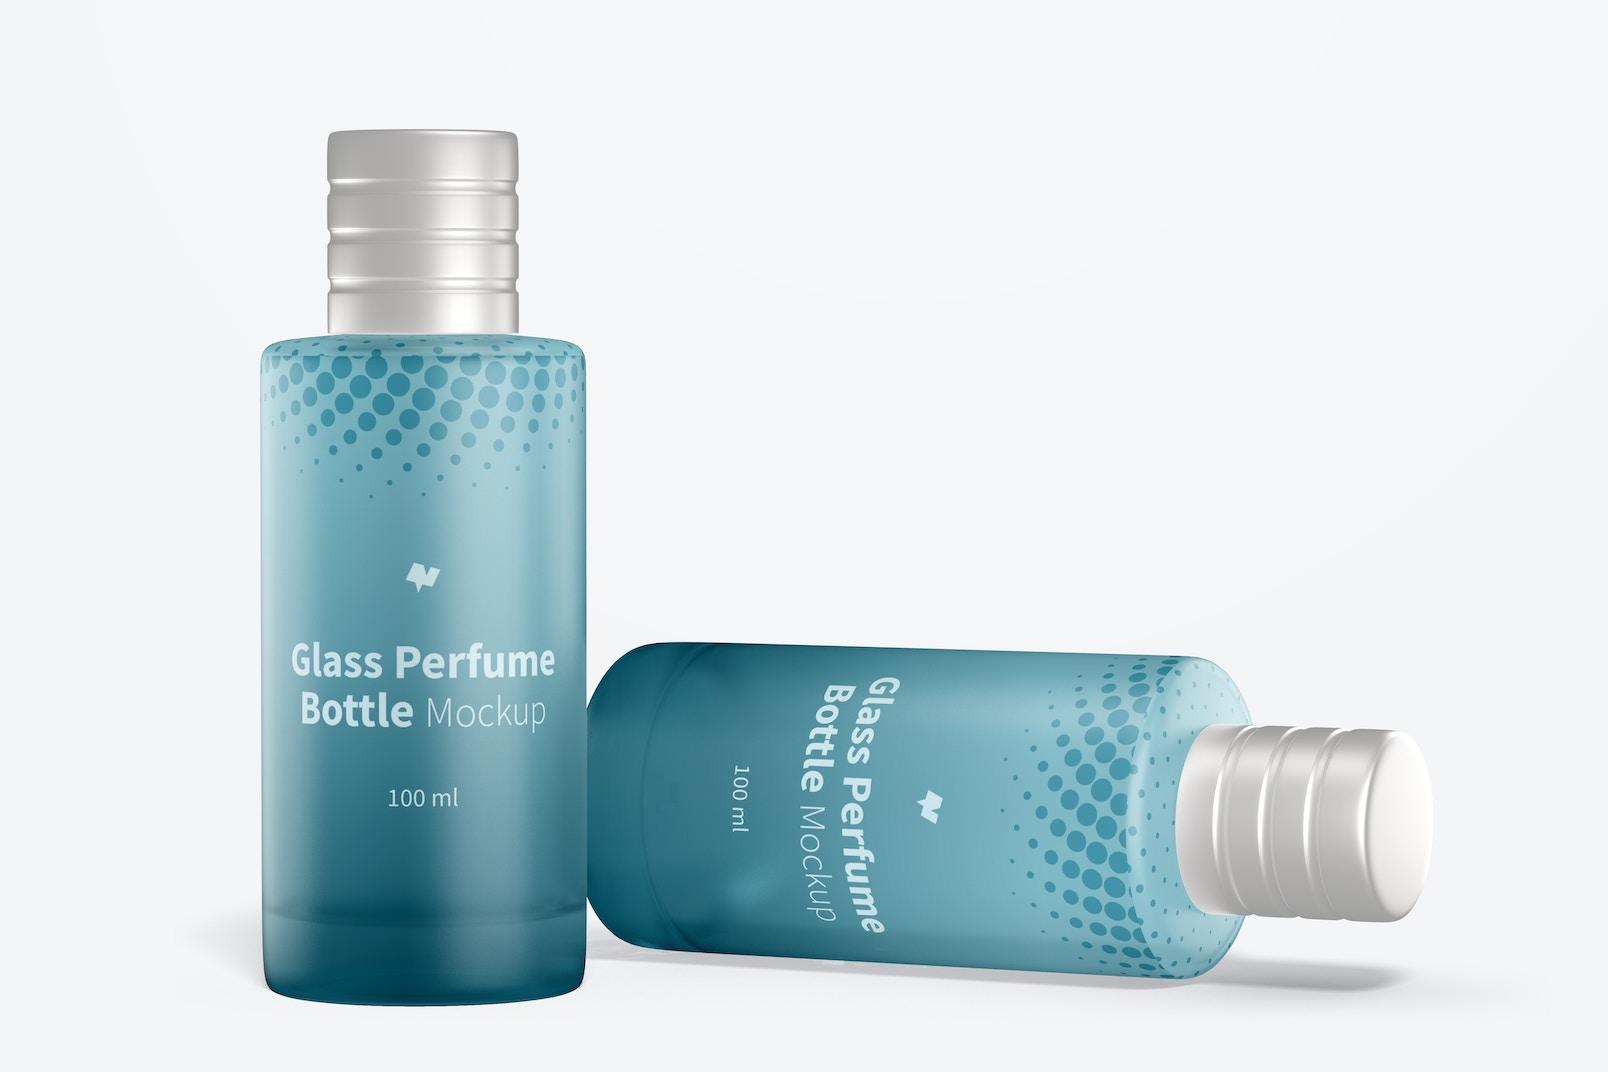 100 ml Glass Perfume Bottles Mockup